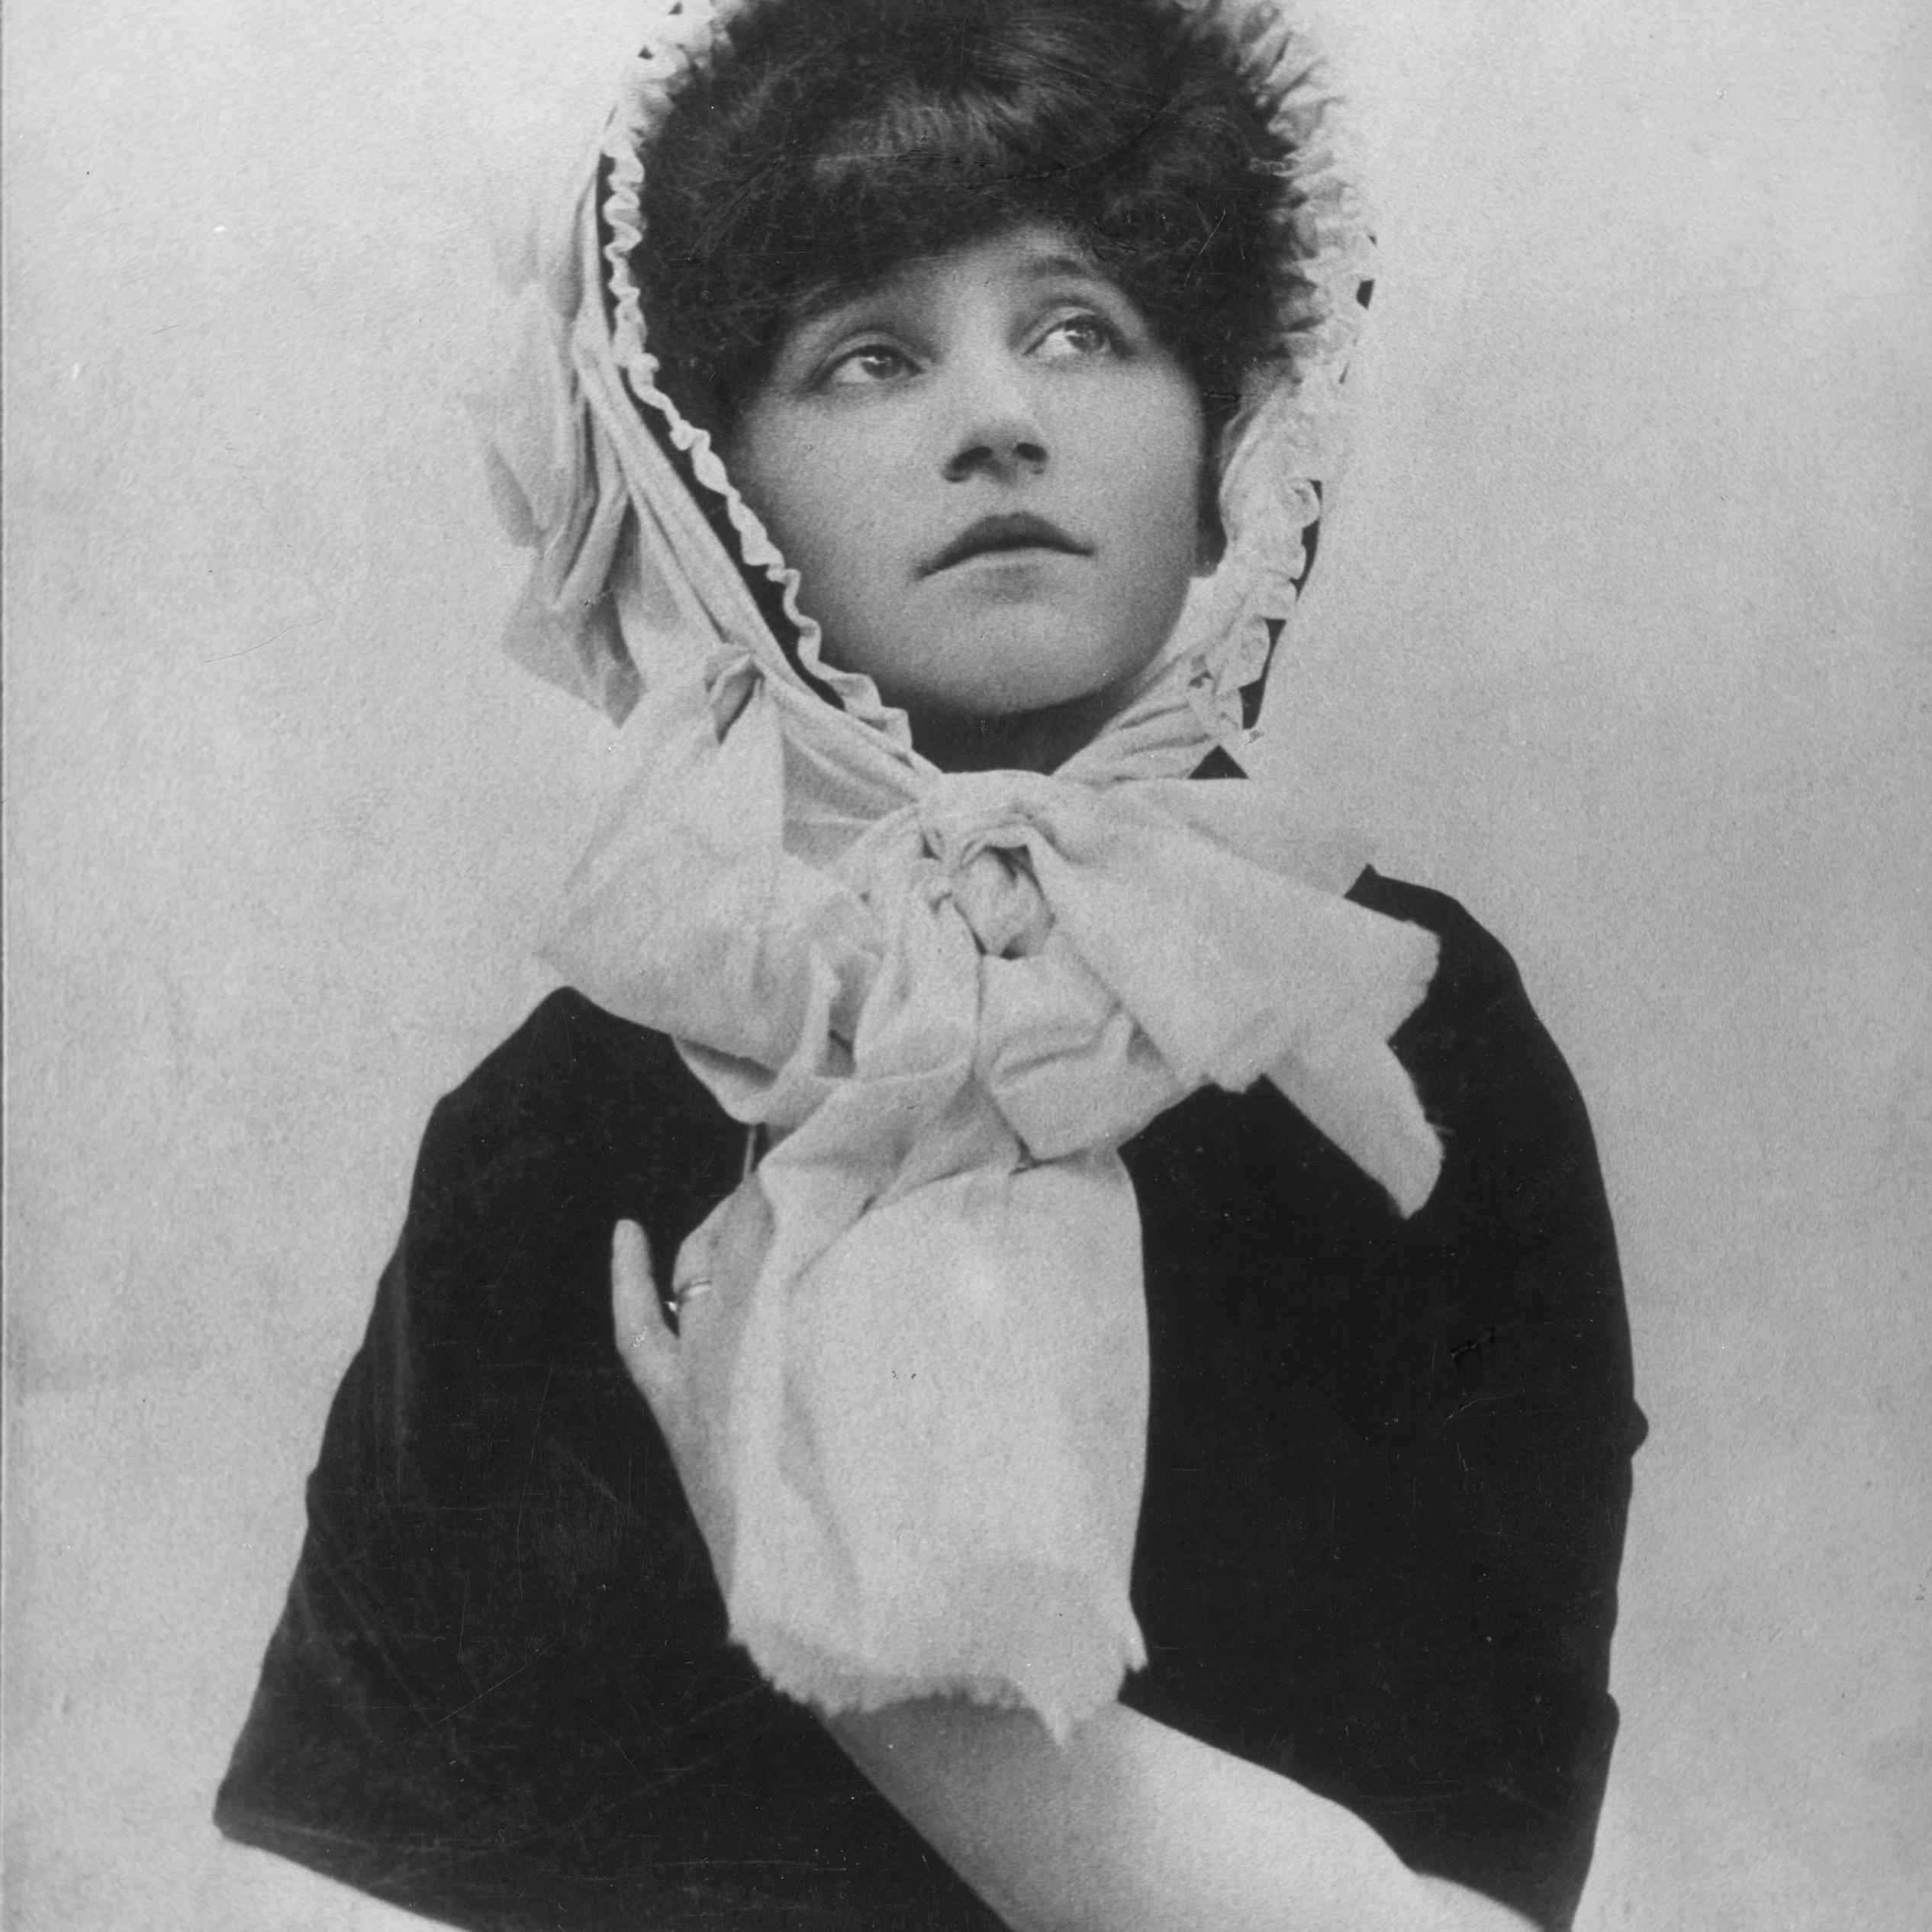 Colette con un gorro y una bufanda envuelta alrededor de su cuello